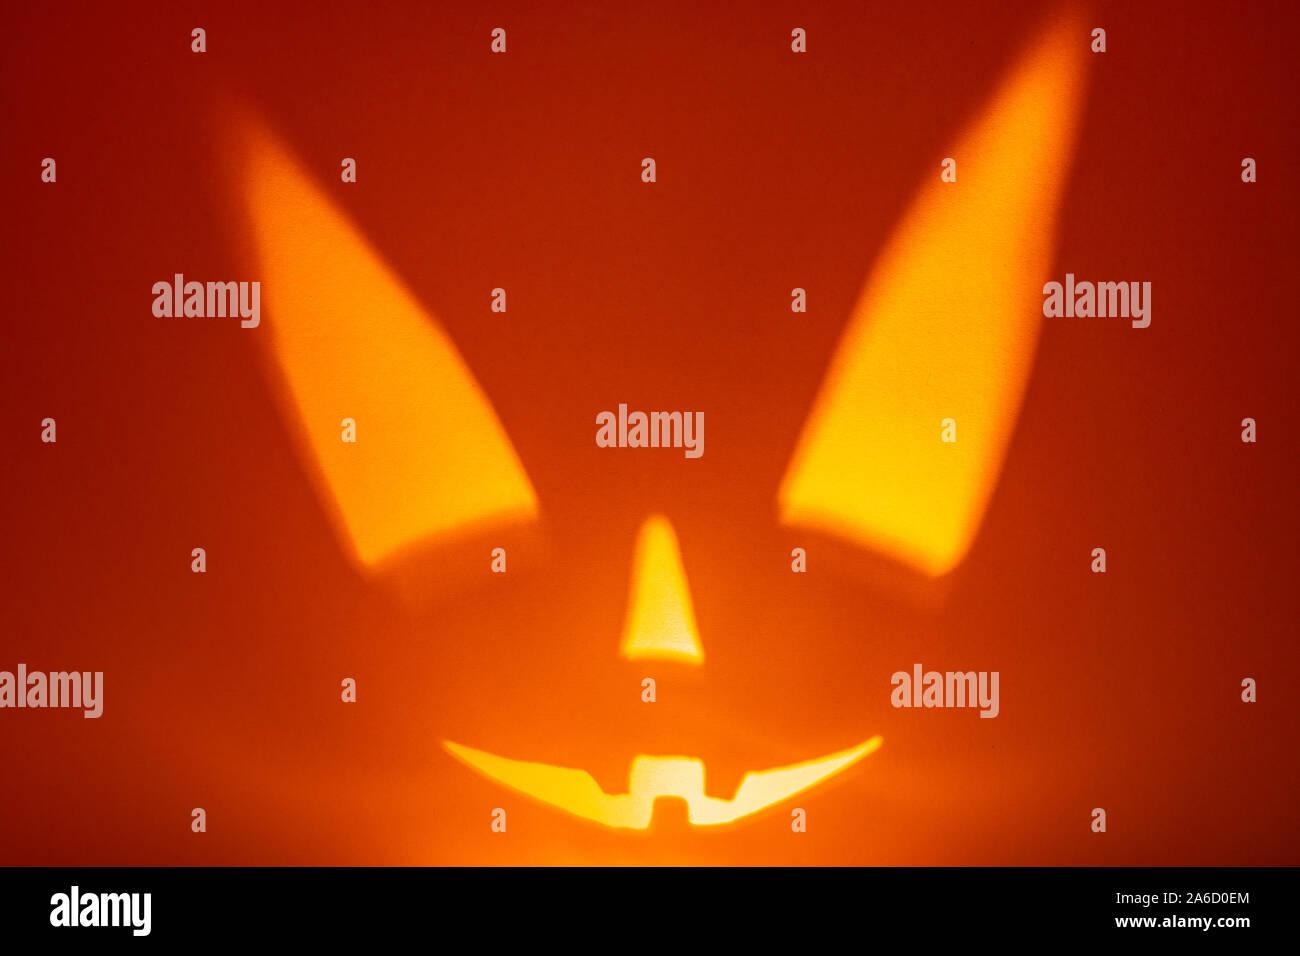 Carácter Scary Halloween cara sobre fondo rojo. Scary sonrisa cara. Holiday horror de fondo. Foto de stock